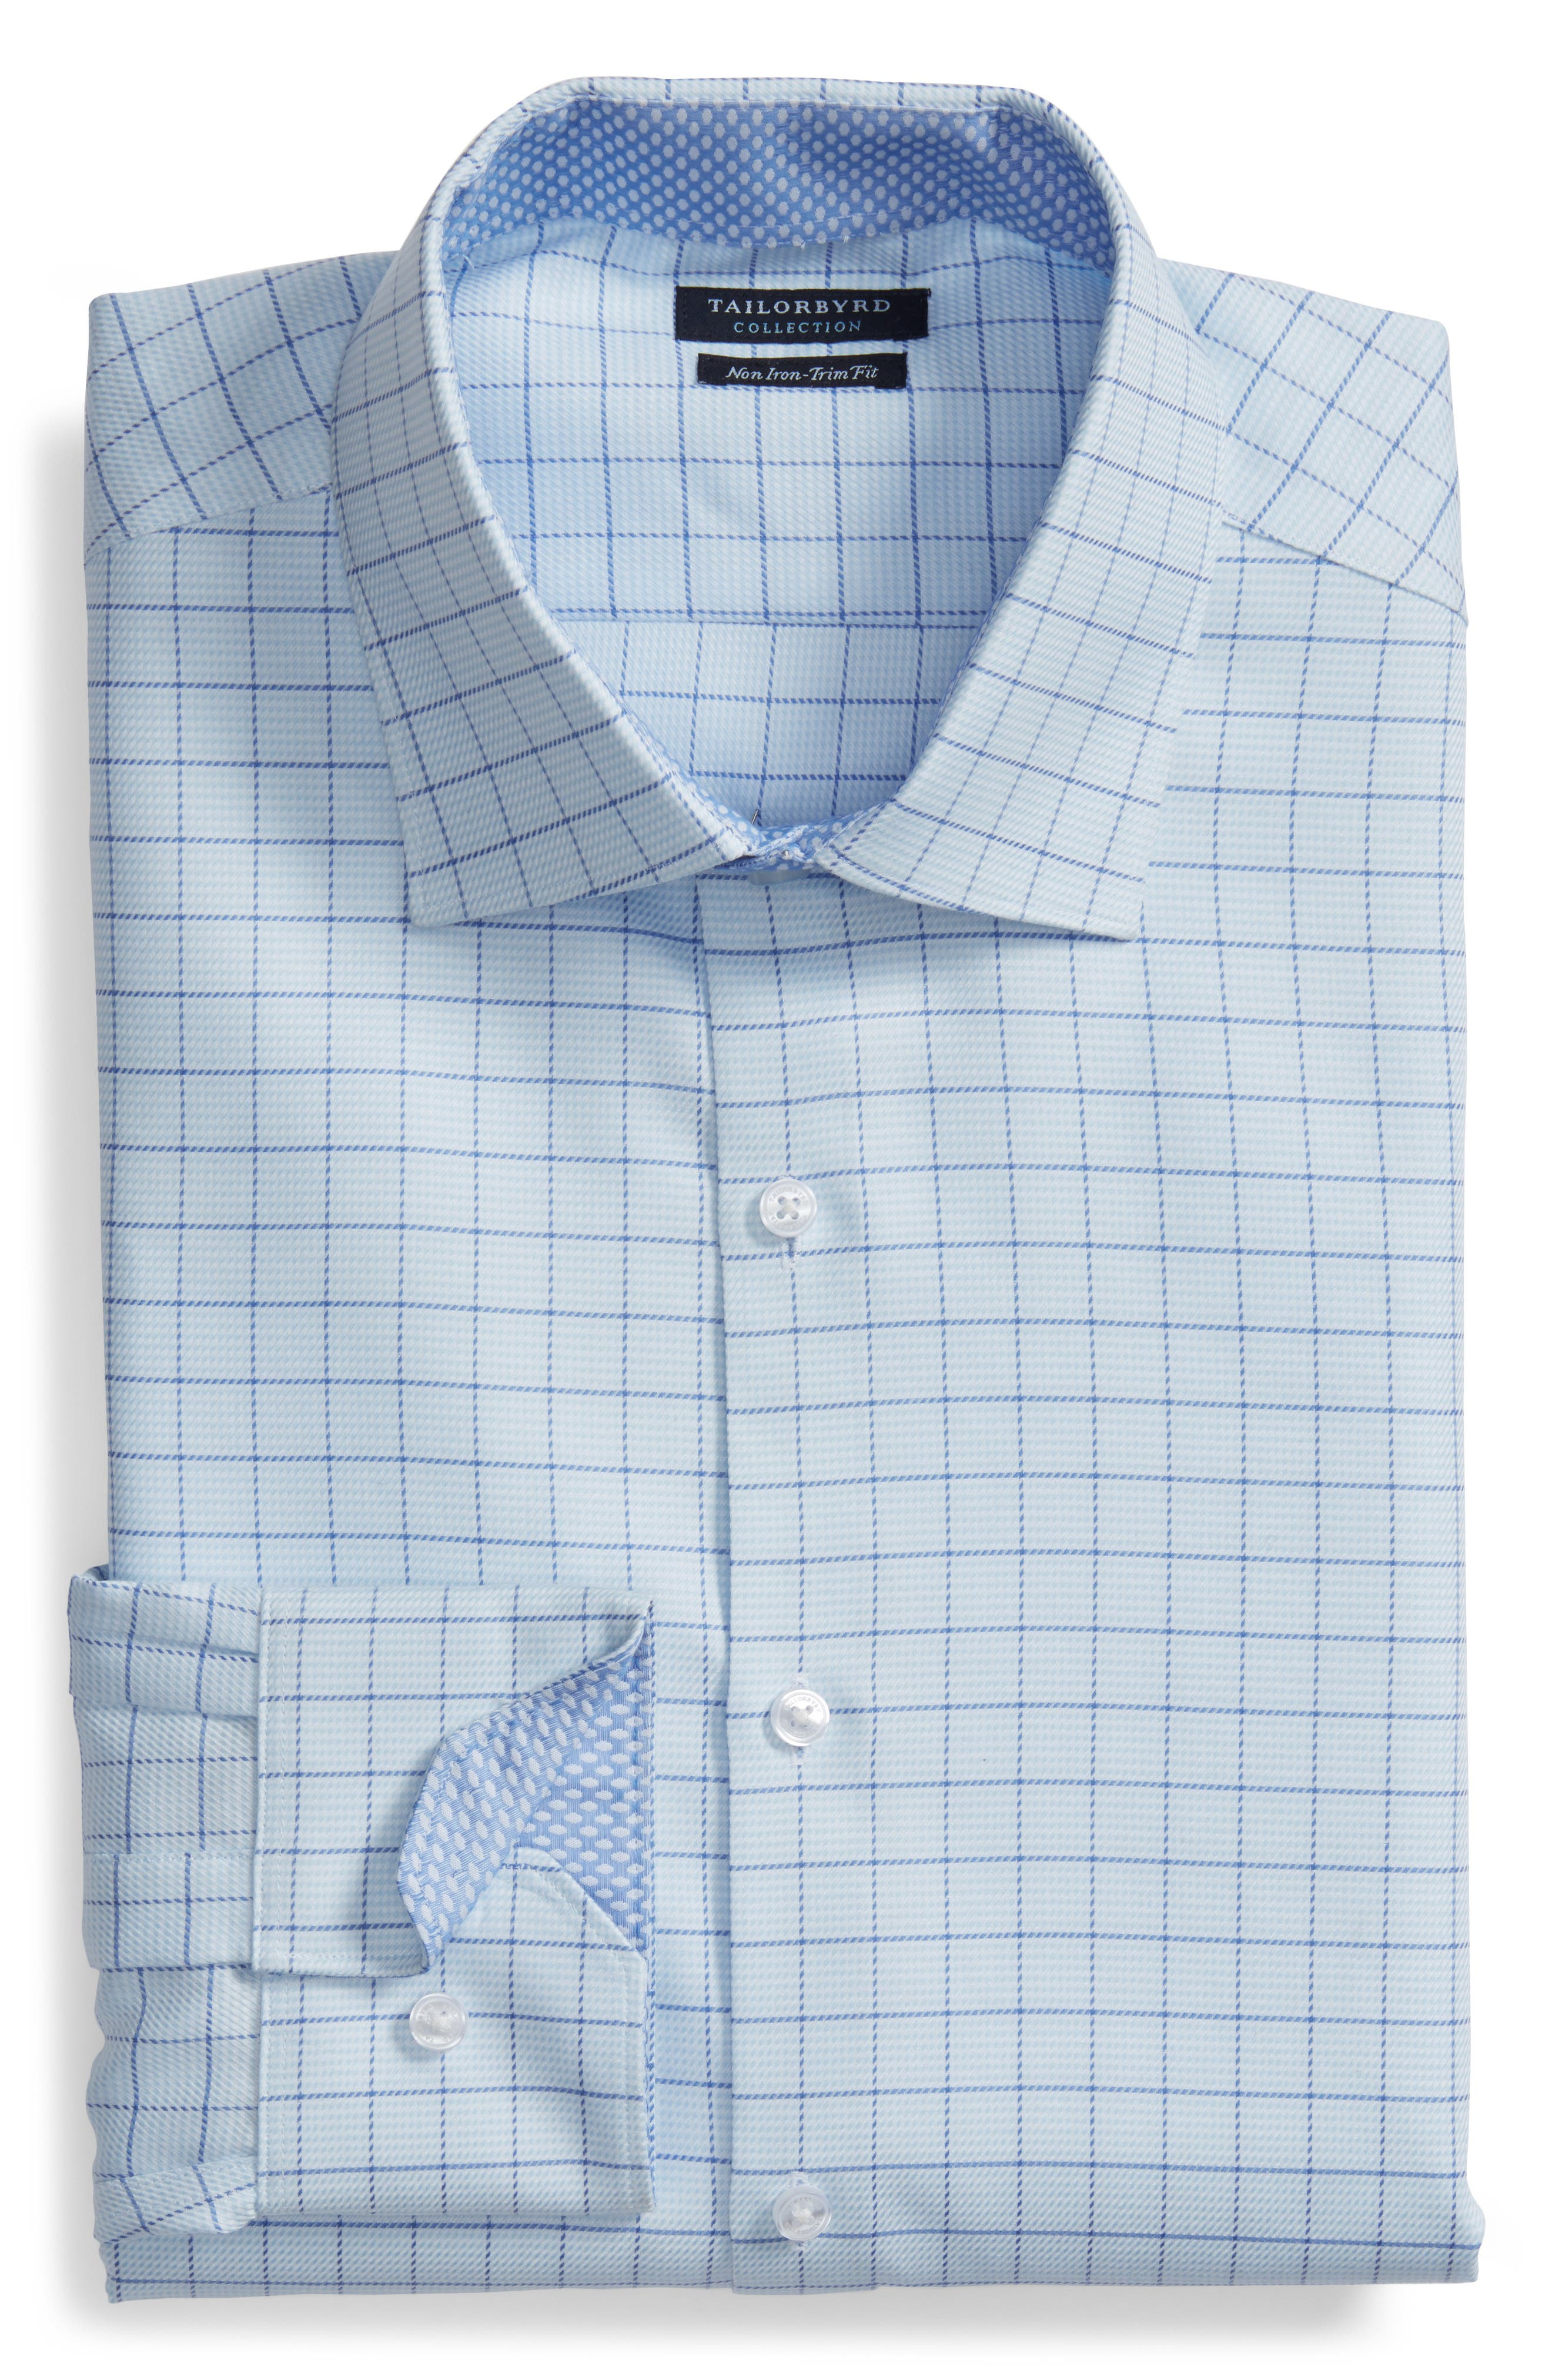 Alec Trim Fit Check Dress Shirt,                             Alternate thumbnail 5, color,                             LIGHT BLUE